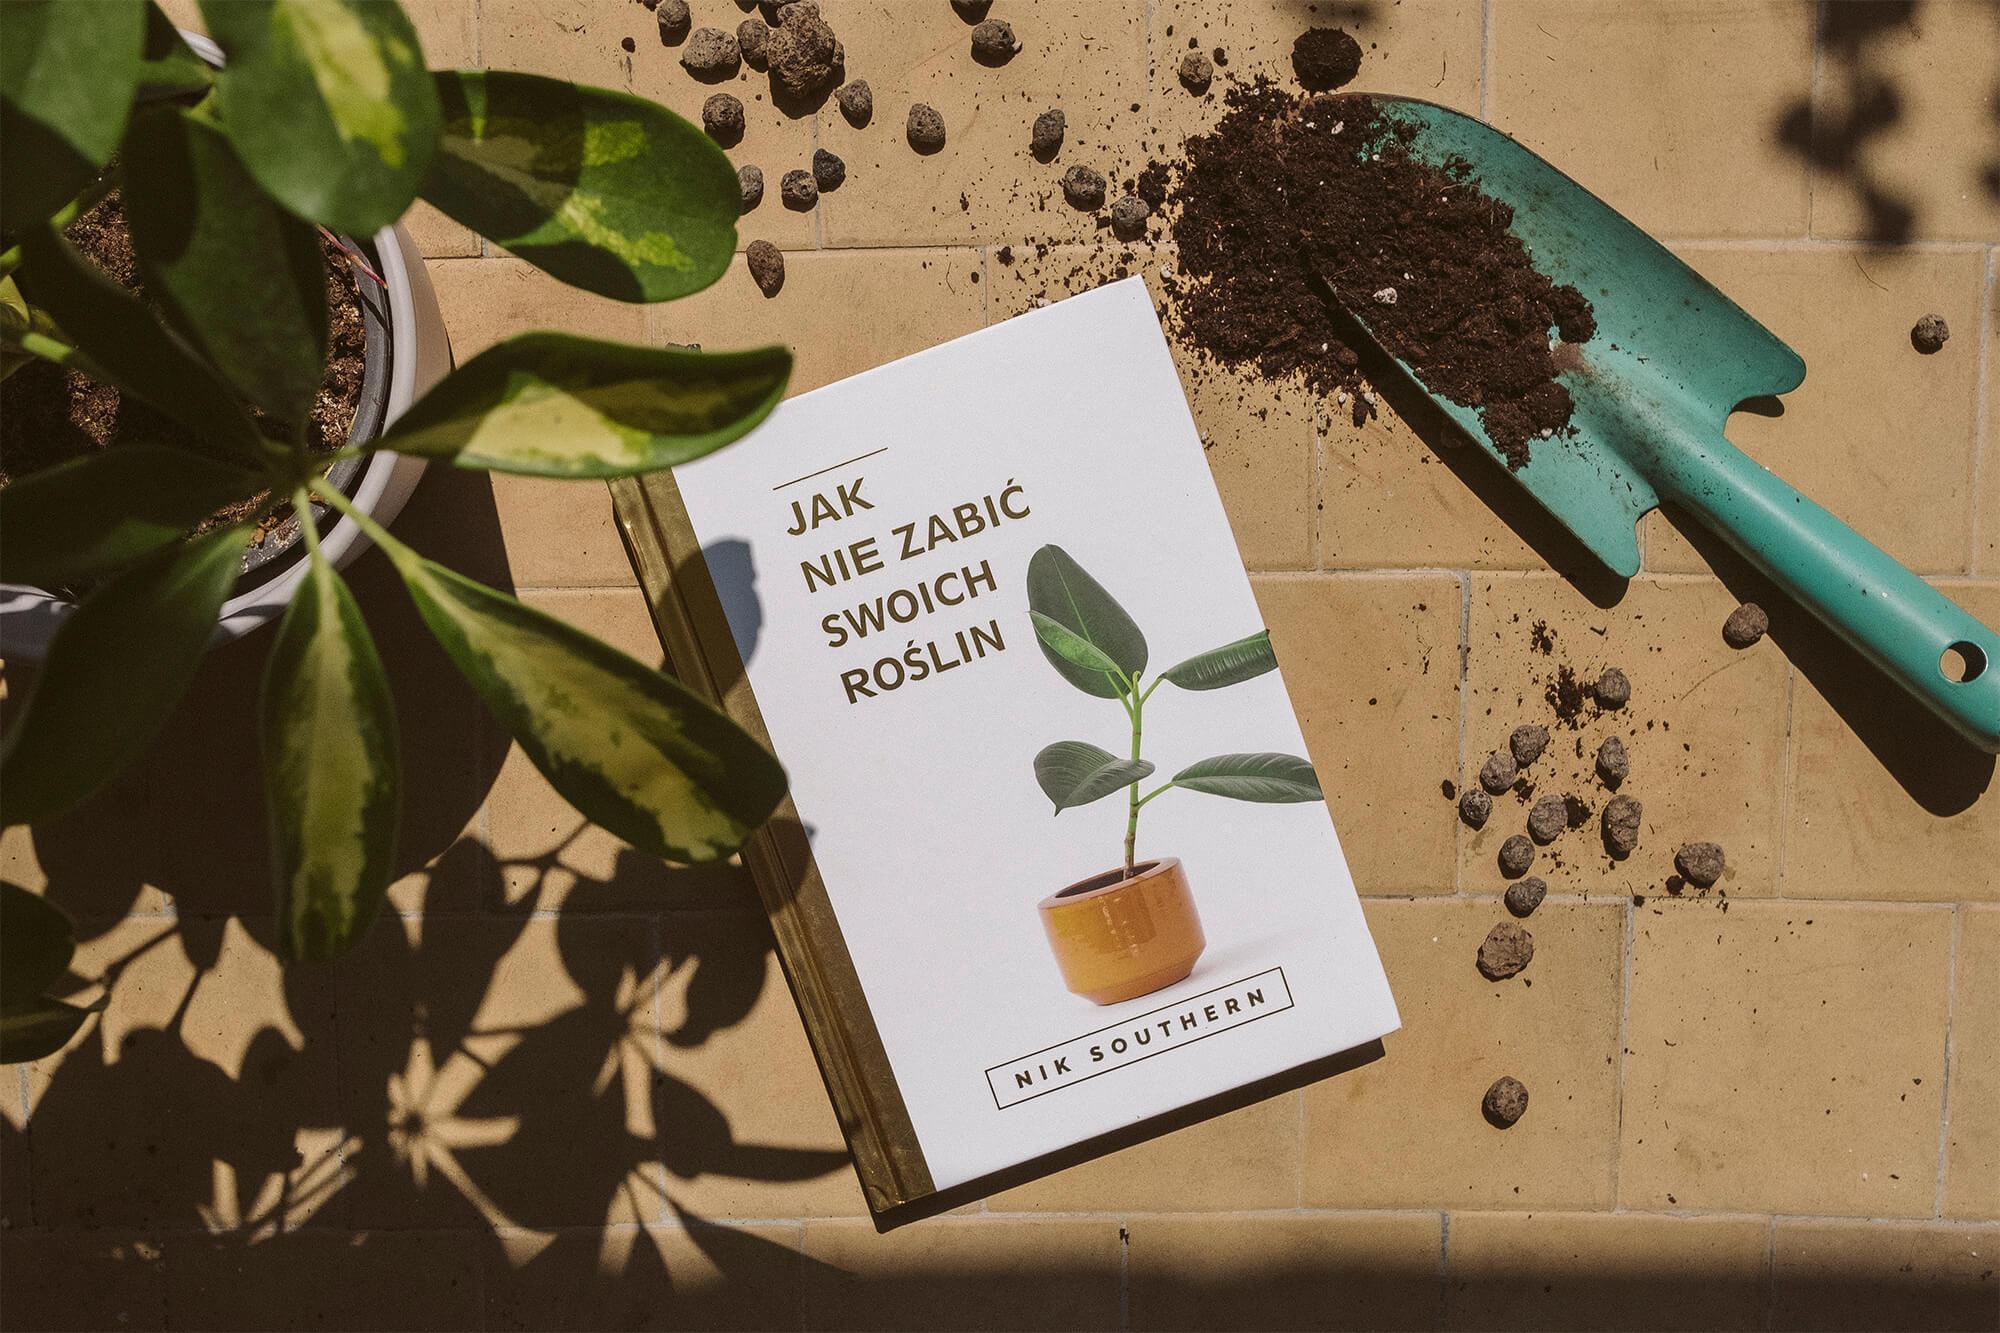 """Lektura dla aspirujących Simorośli: recenzja książki """"Jak nie zabić swoich roślin"""" [KONKURS]"""